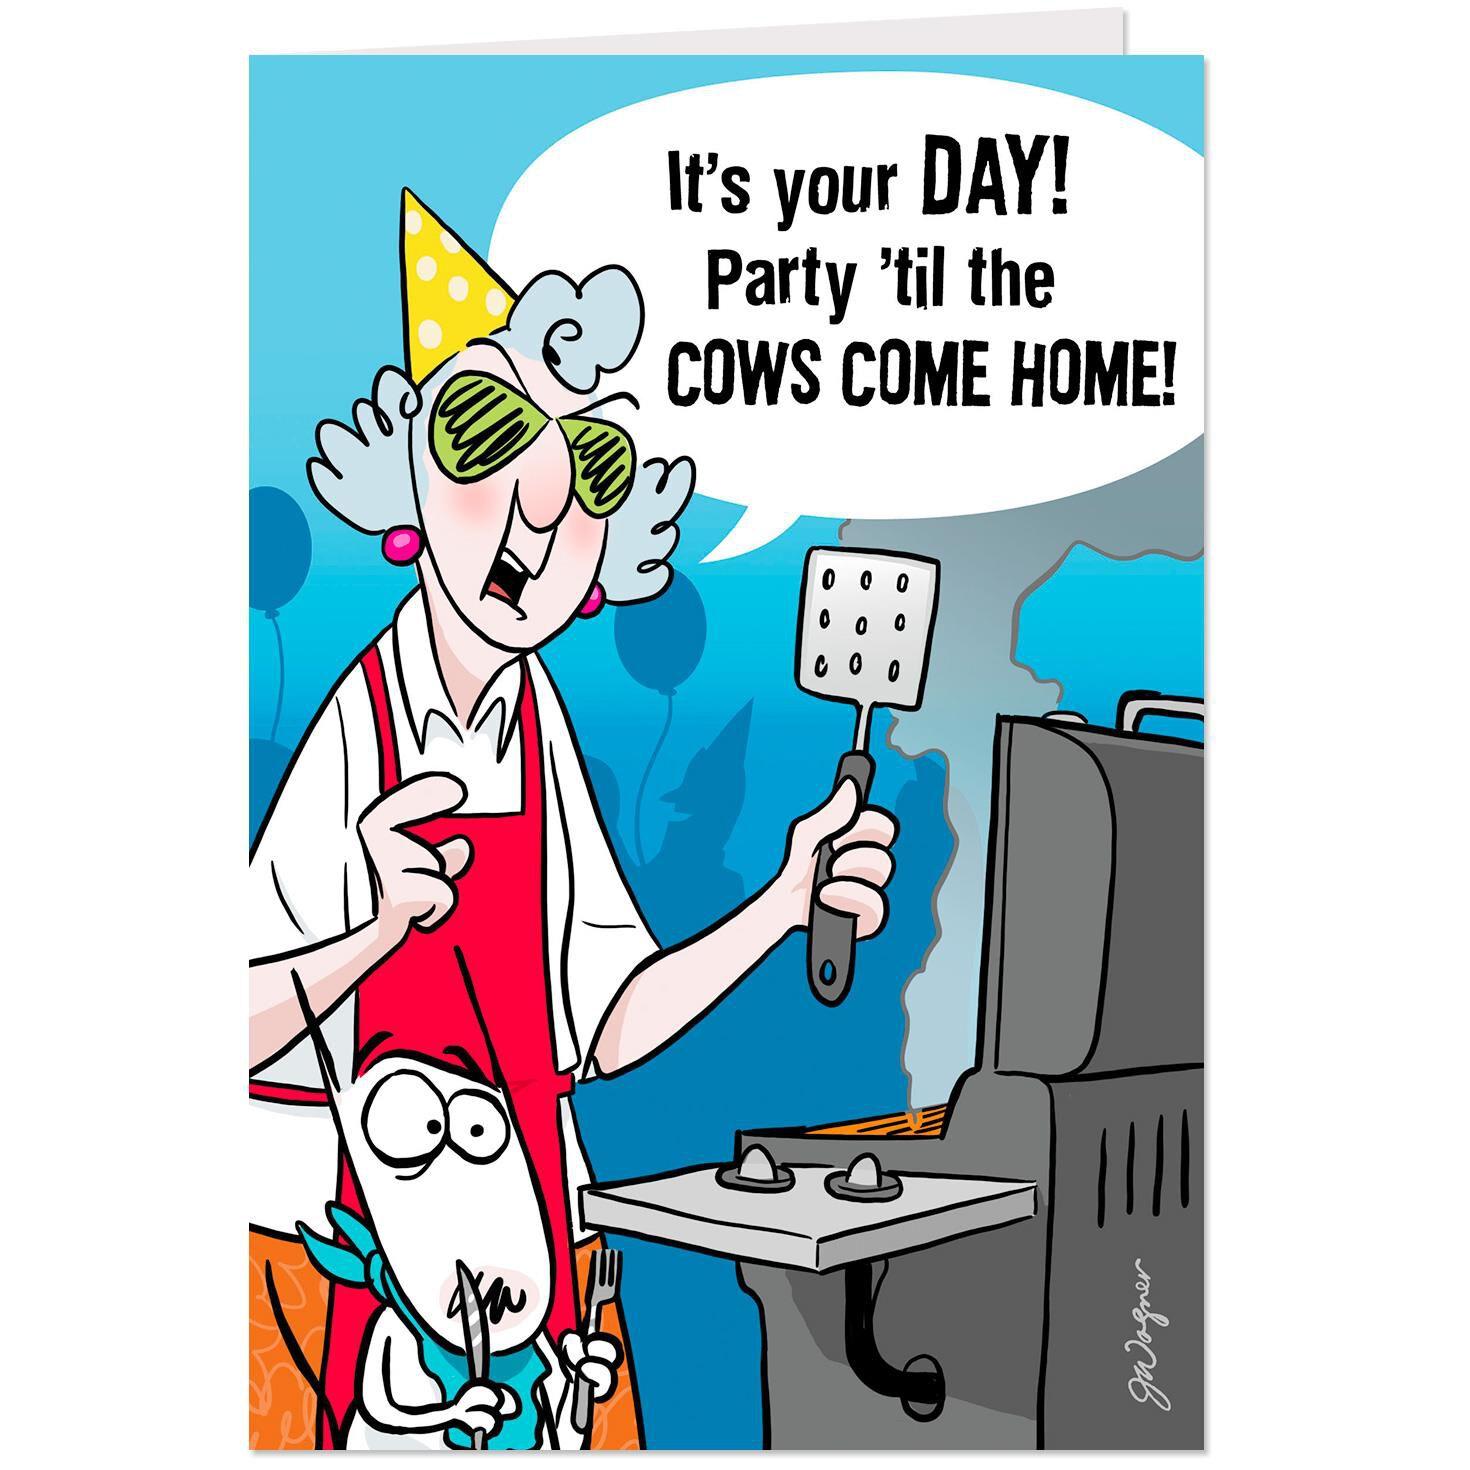 Maxine Party Til The Cows Come Home Pop Up Birthday Card Jpg 1024x1024 Hallmark Cartoon